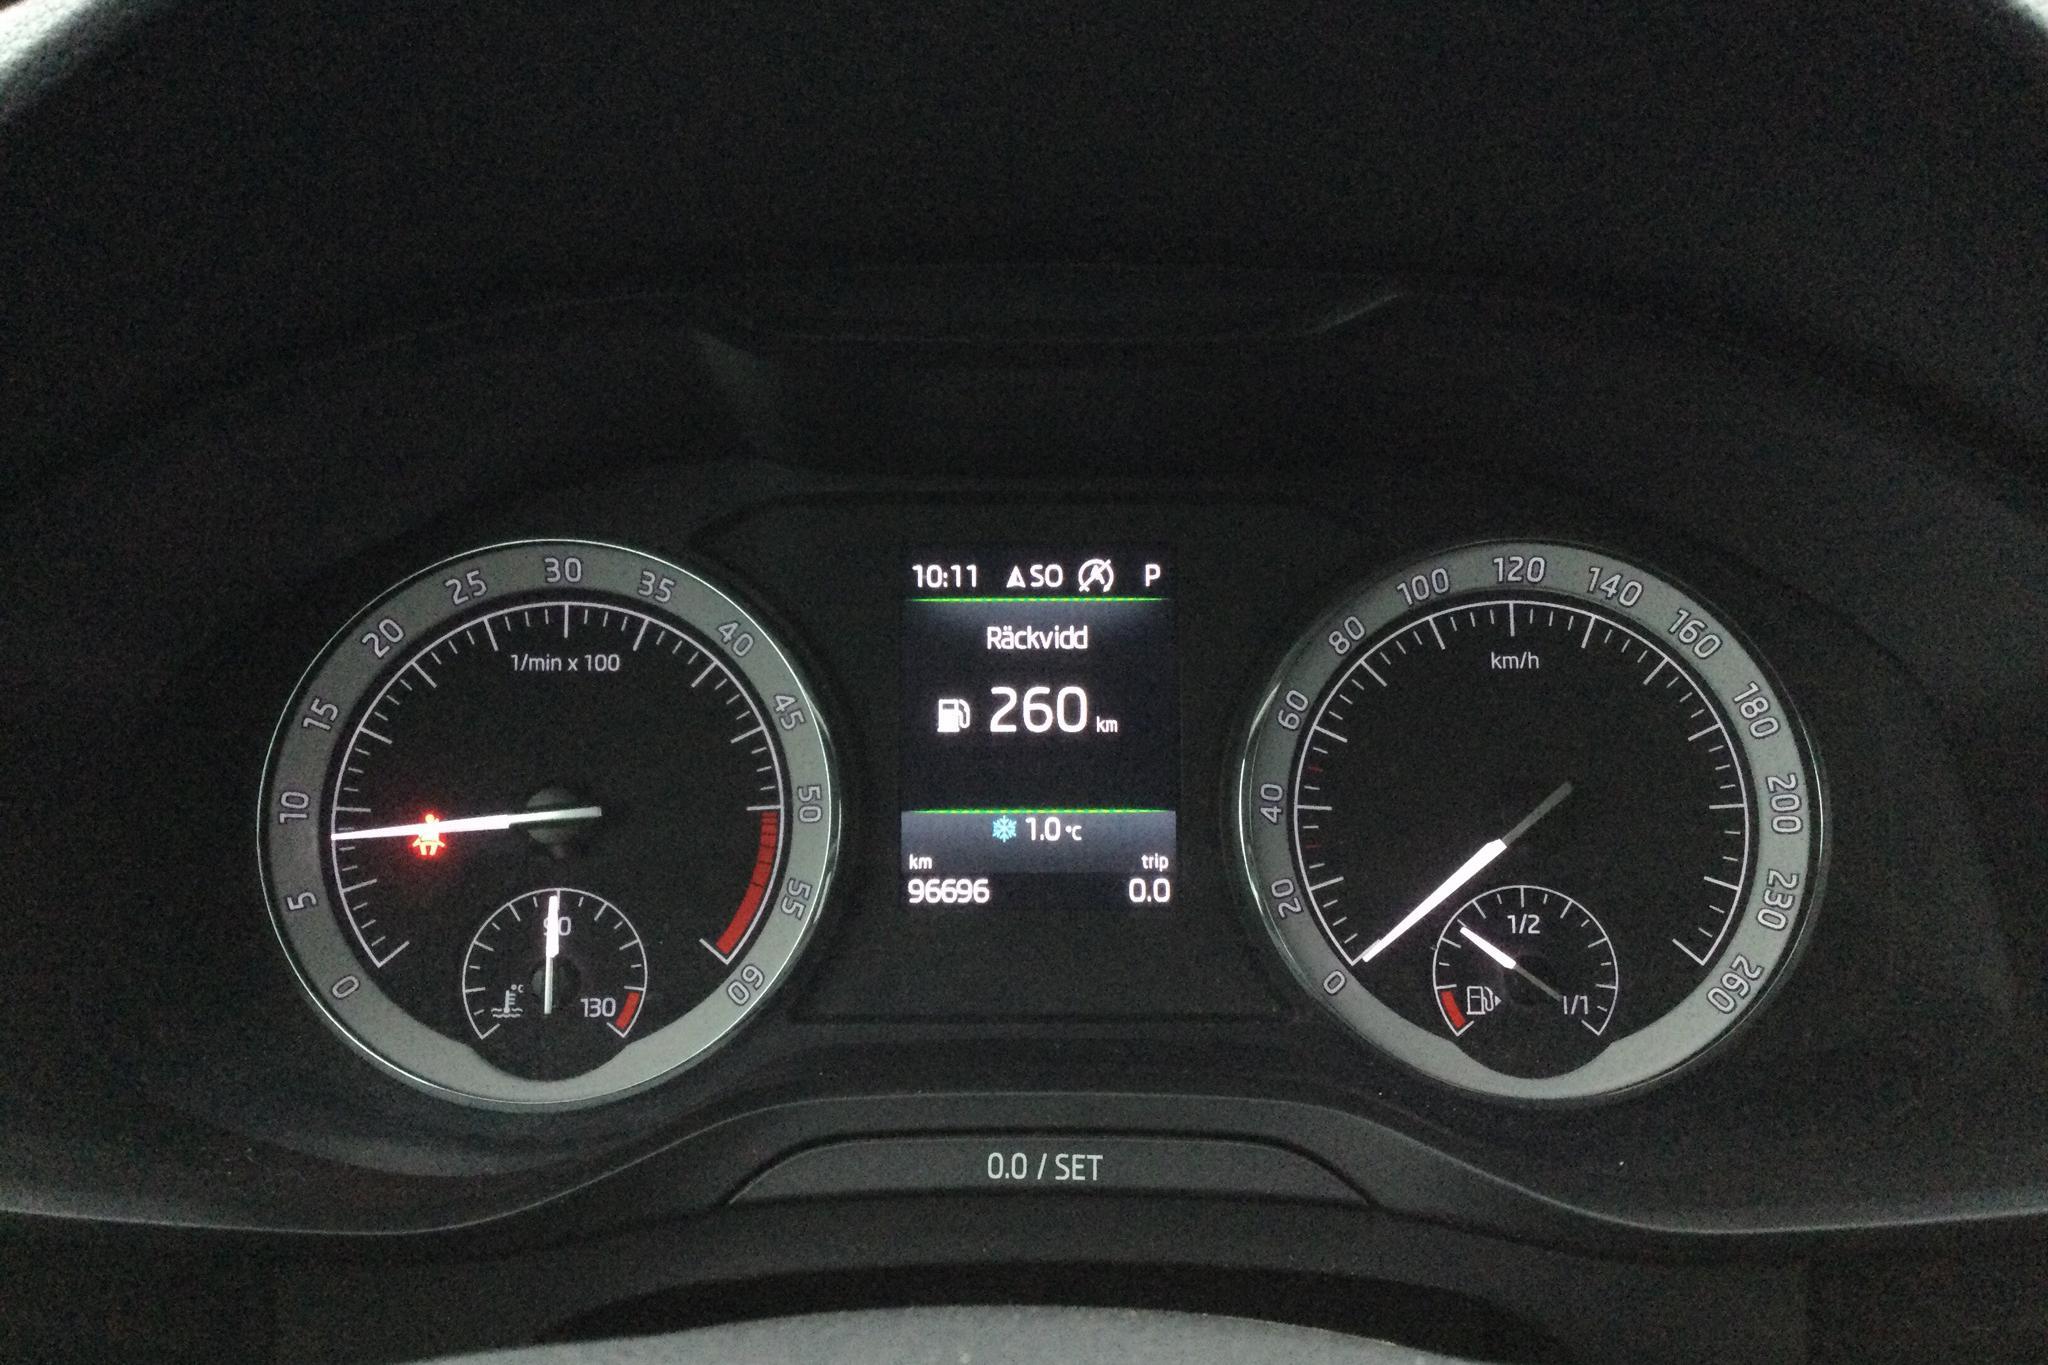 Skoda Kodiaq 2.0 TDI 4X4 (150hk) - 9 670 mil - Automat - grå - 2017